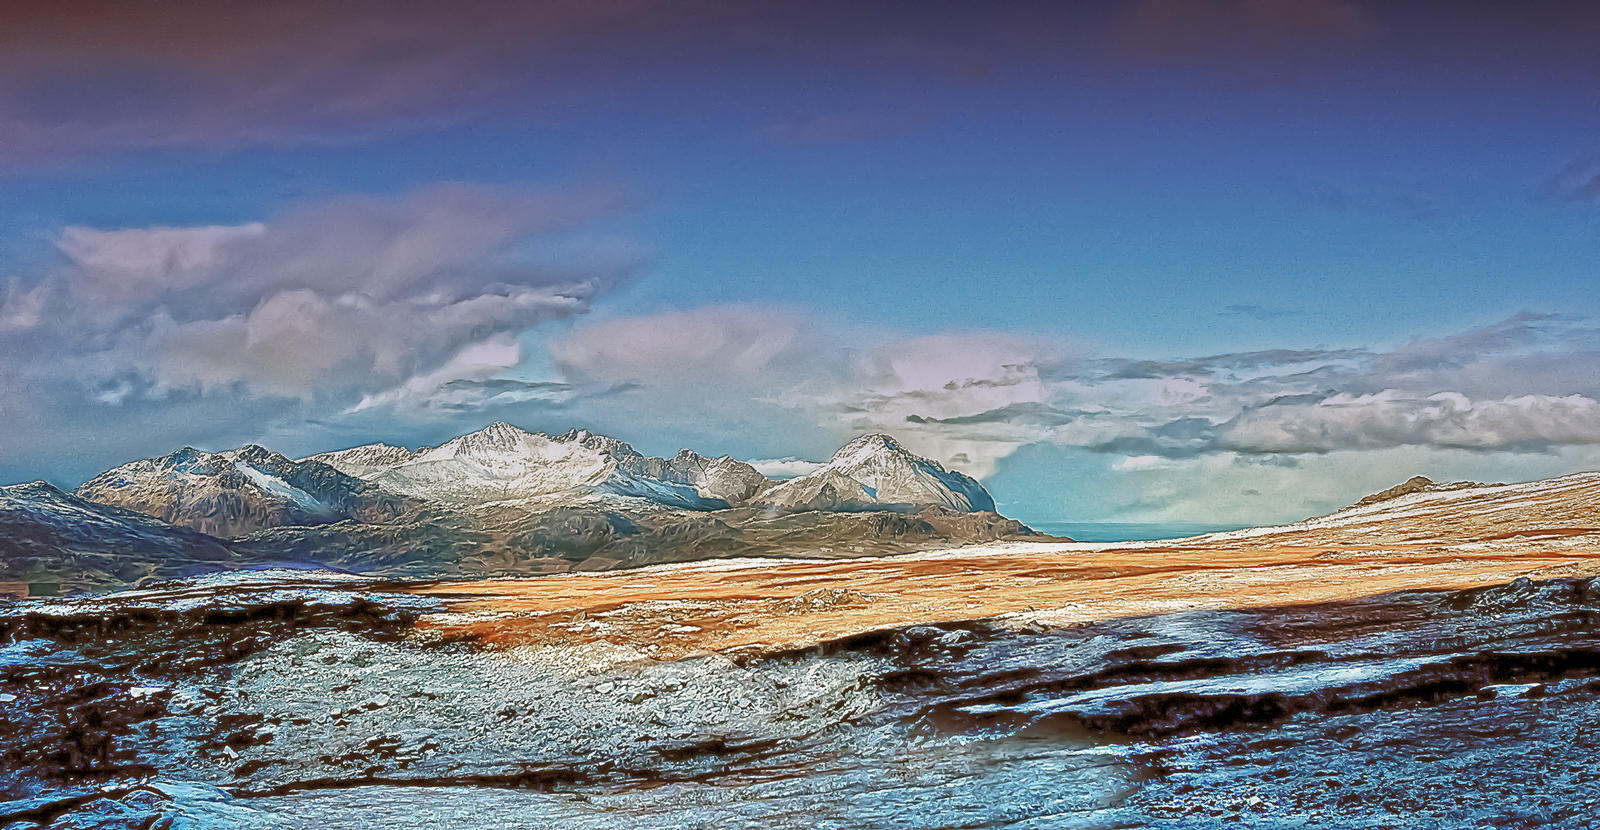 Frozen Land by steinliland